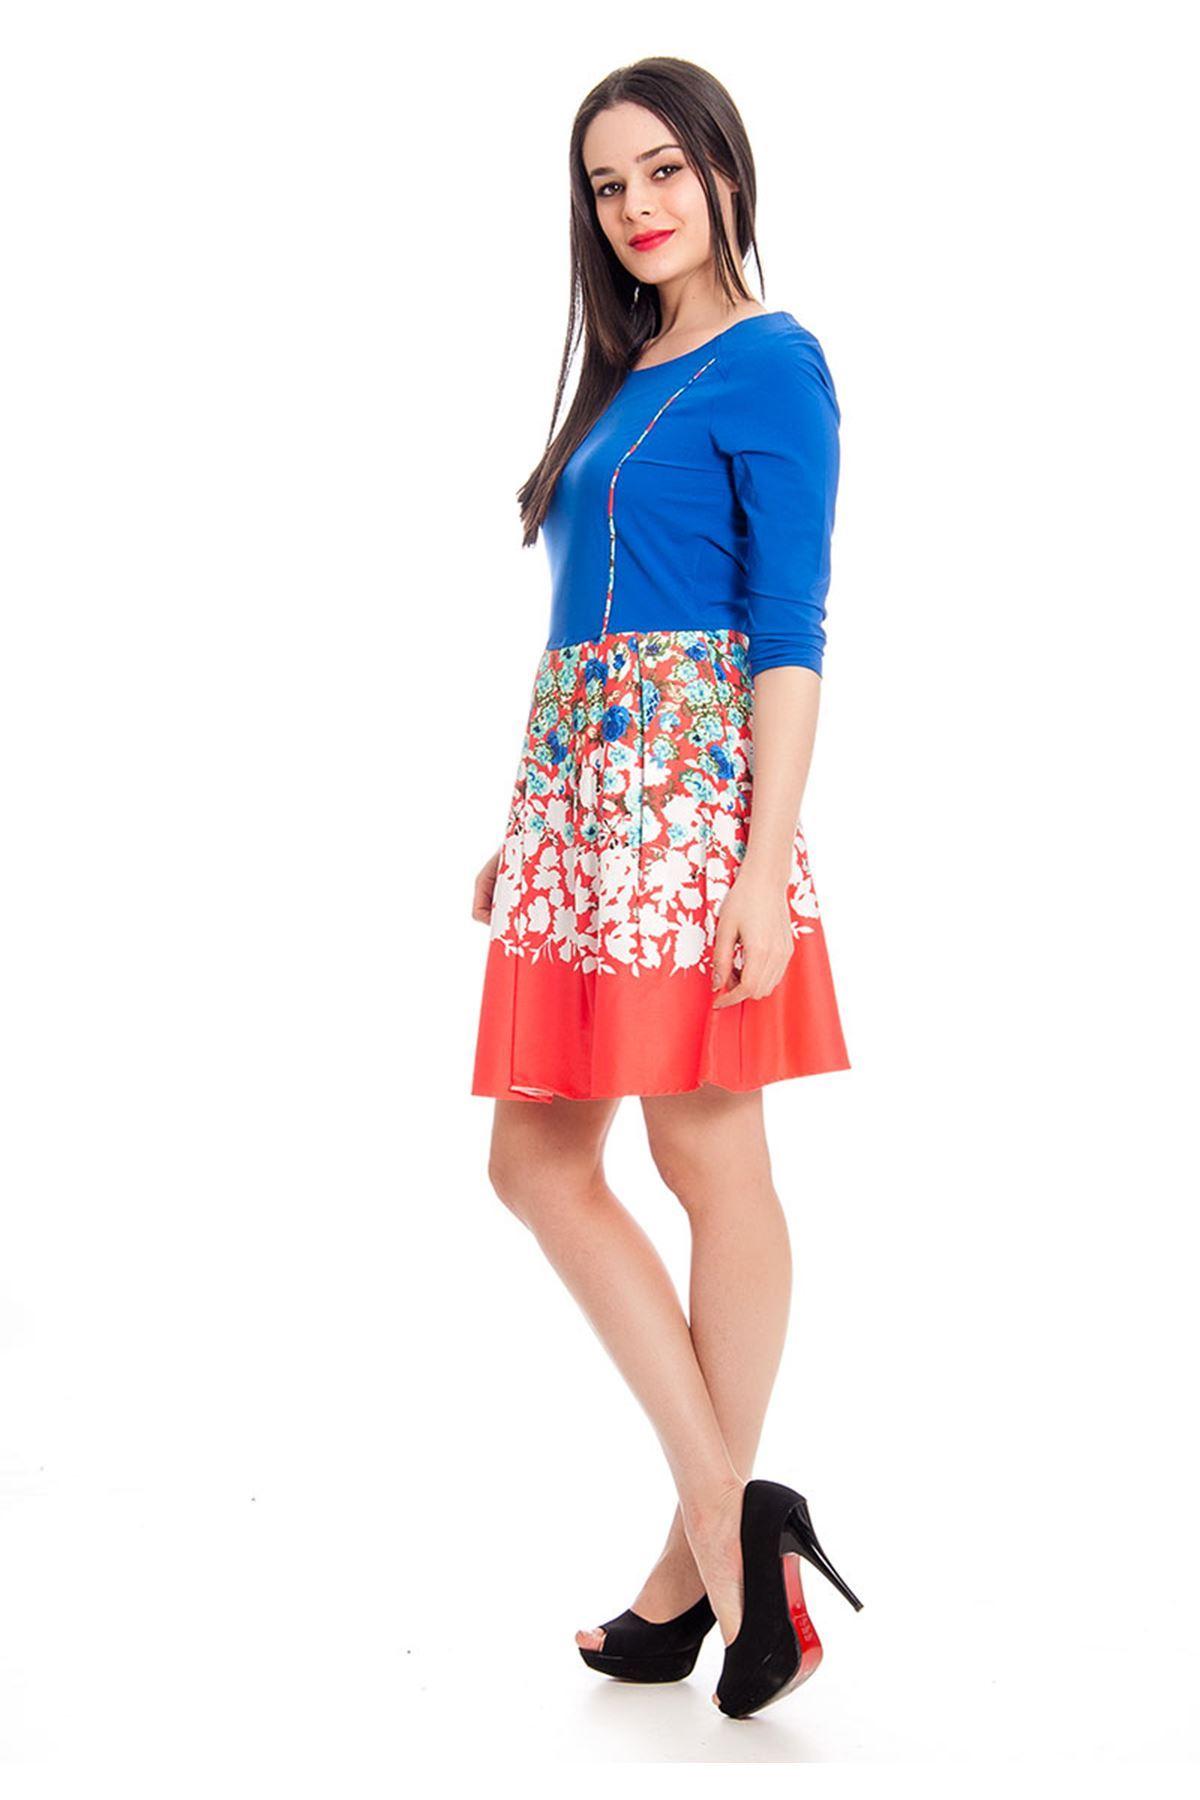 Mavi Çiçek Desenli Kadın Elbise F11-130358